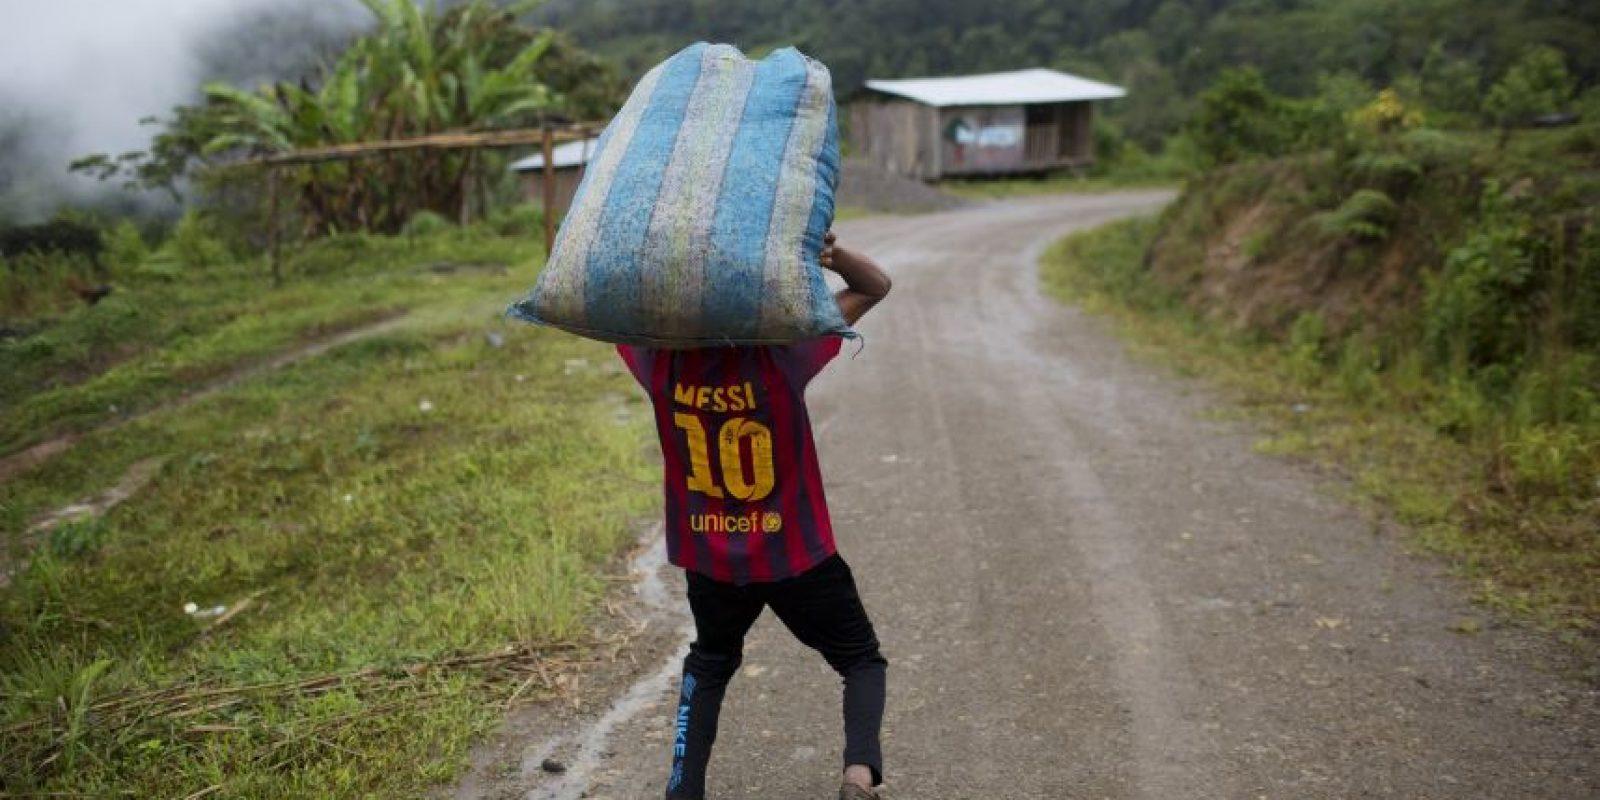 En esta imagen del 16 de marzo de 2015, Jhorlis Huallpa, de 17 años, carga un saco de lonas que se emplearán para secar hojas de coca en La Mar, provincia de Ayacucho, Perú. Cargar cocaína para sacarla del valles una de las pocas formas de ganar un sueldo decente en esta región olvidada, donde un campesino gana menos de 10 dólares al día. Además de cobrarse vidas jóvenes, esta costumbre ha llenado las prisiones peruanas de mochileros mientras sus jefes eluden la encarcelación. Foto:AP Foto/Rodrigo Abd